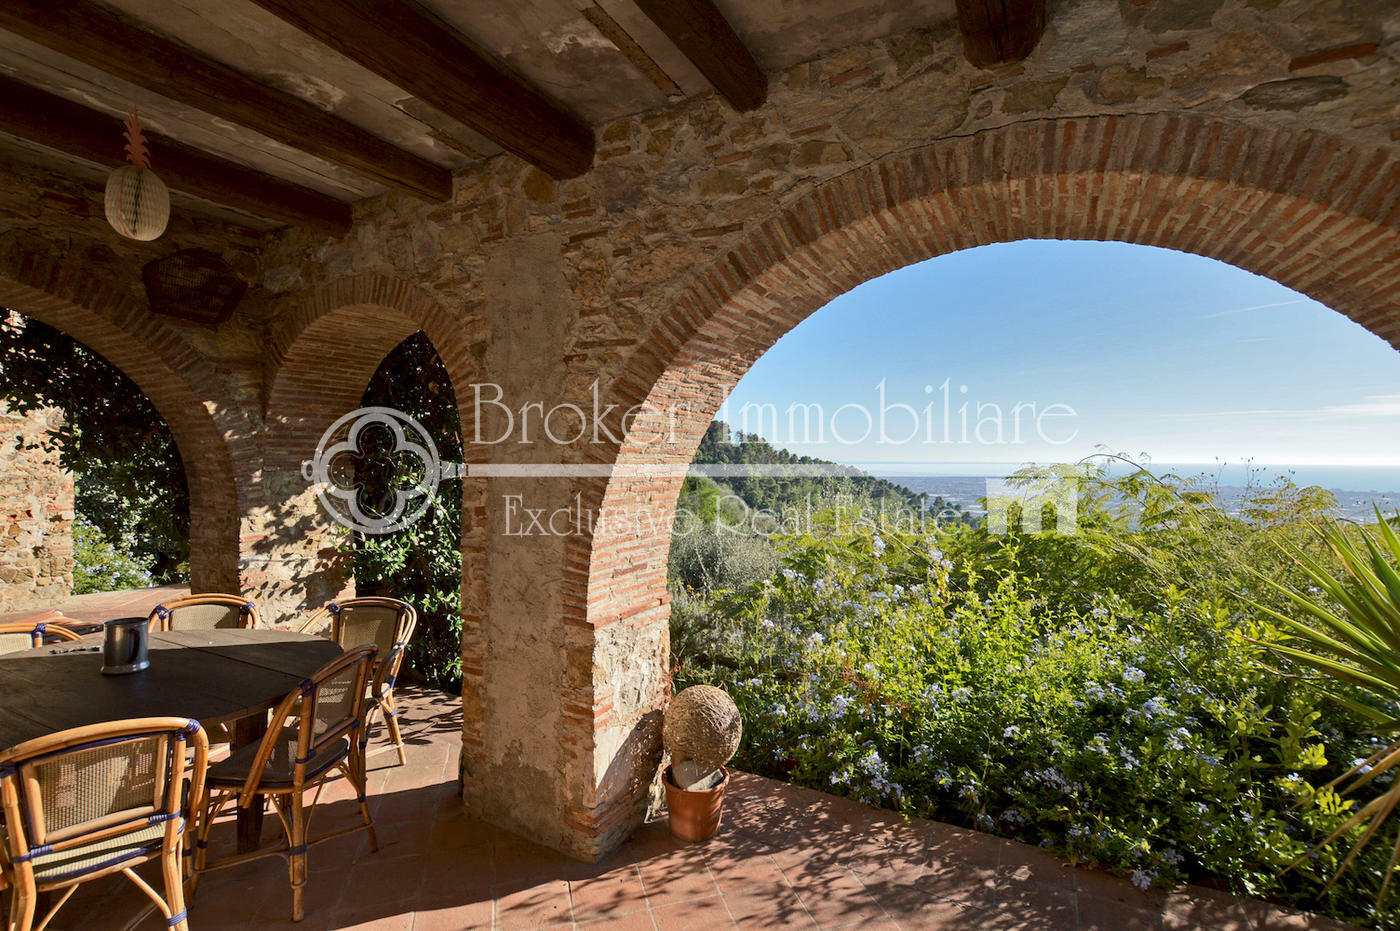 Villa con vista mare in vendita in caratteristico borgo toscano collinare